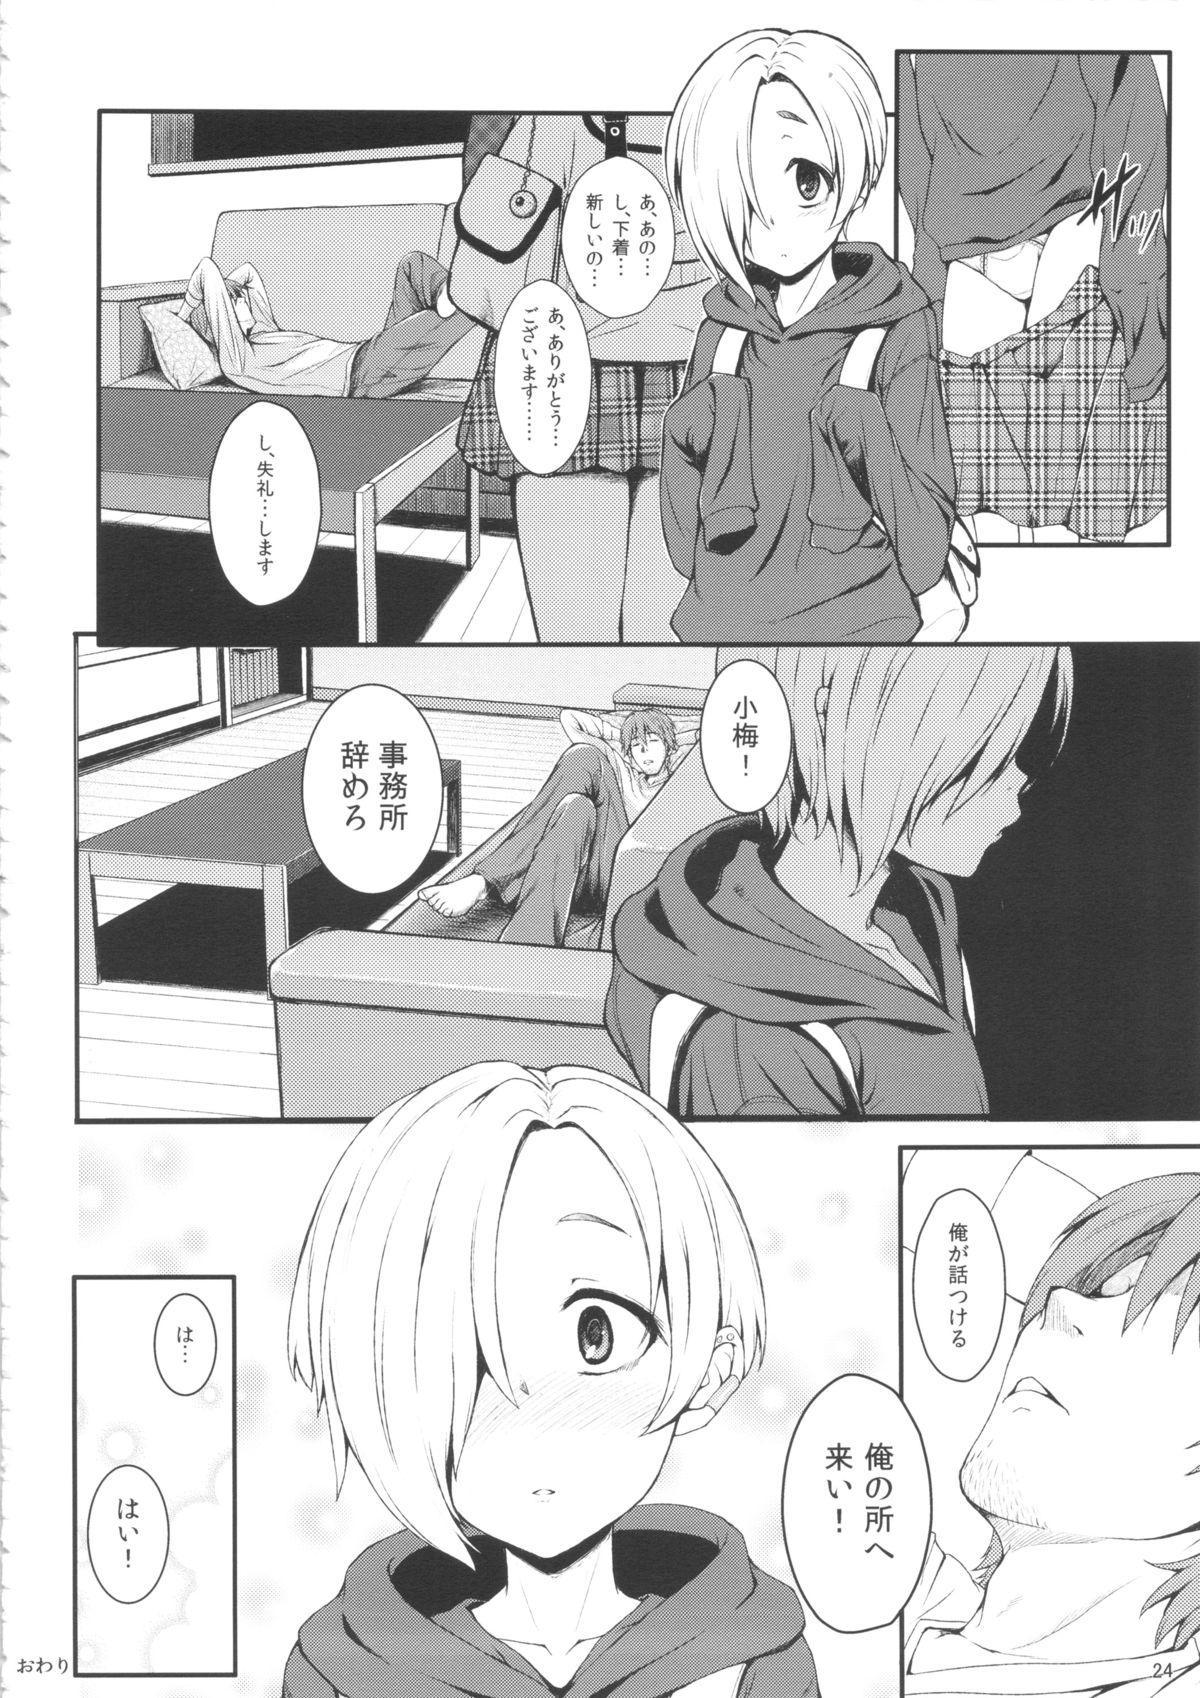 Watashi no Arika 22